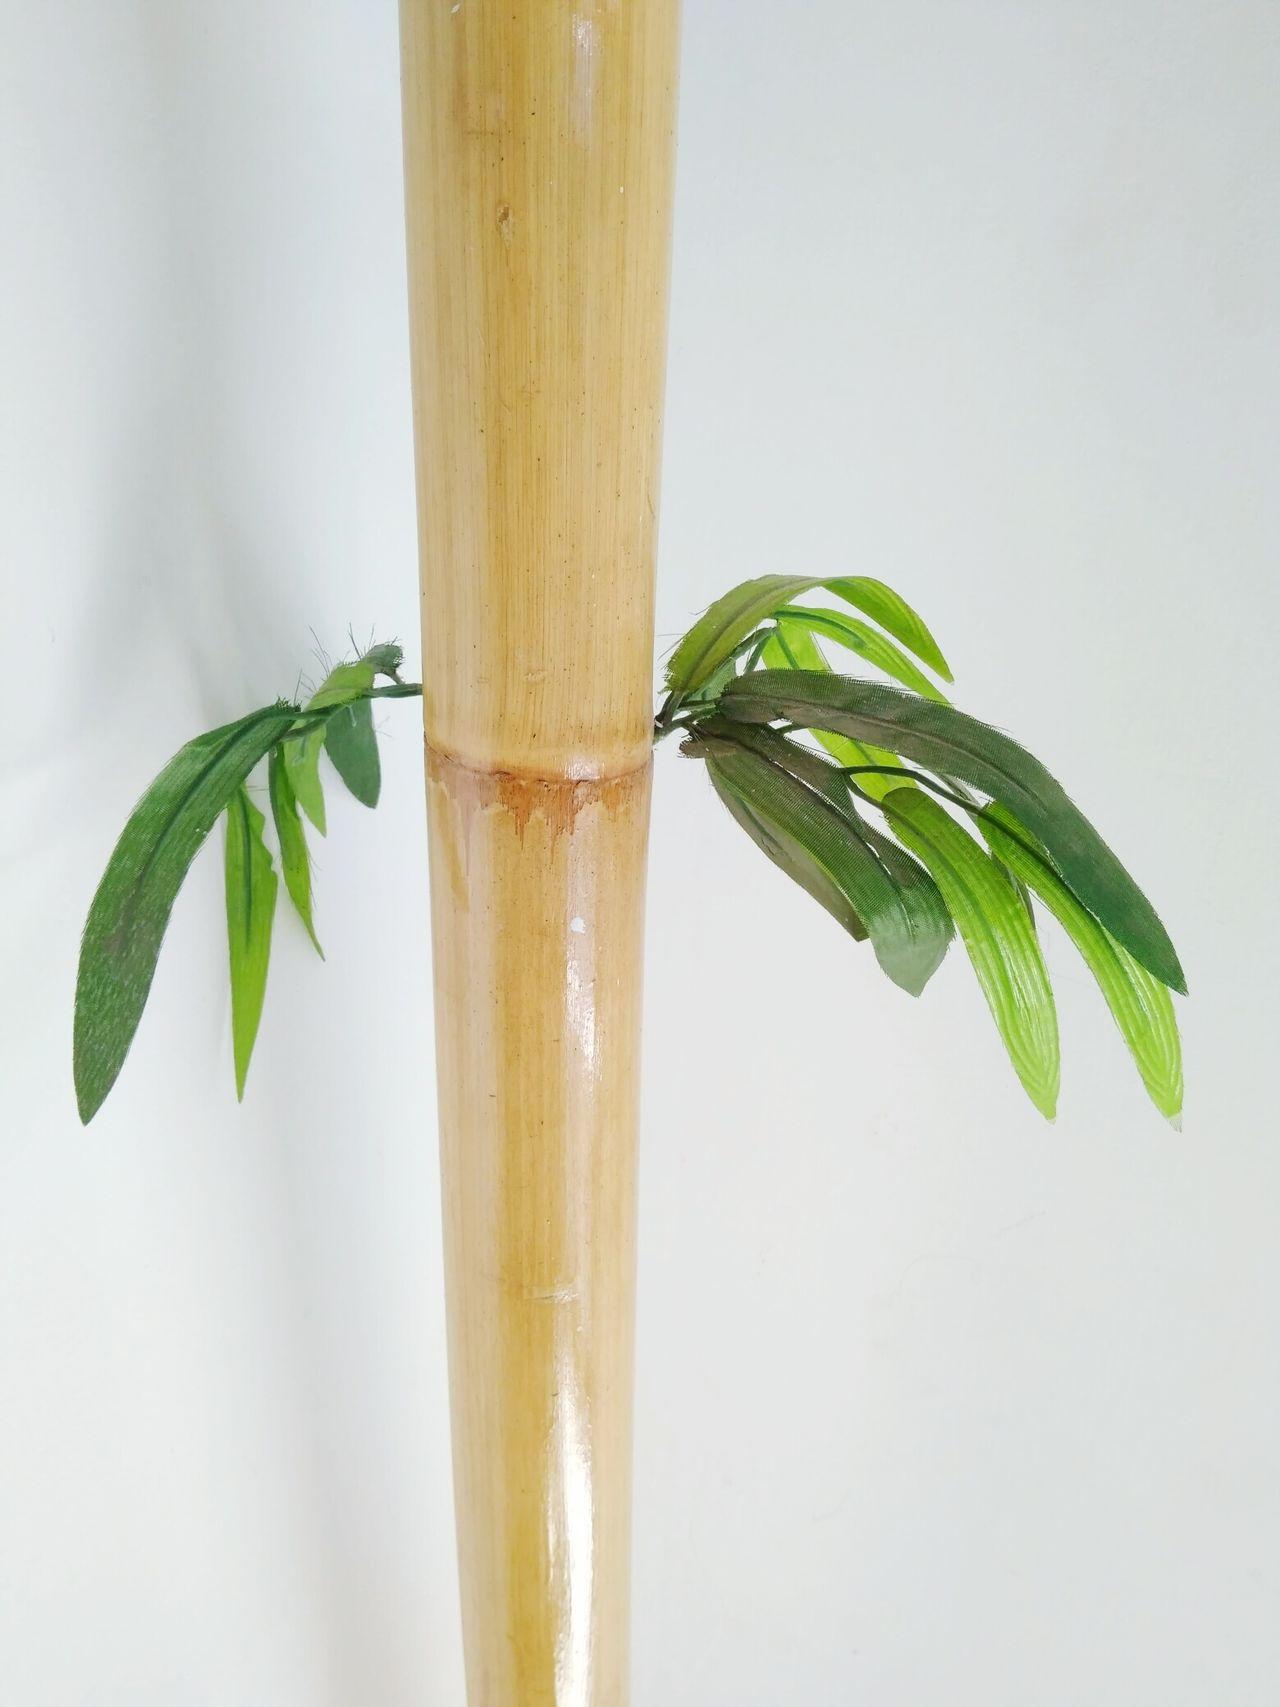 ... Bamboo Bamboo Art Bamboodesign